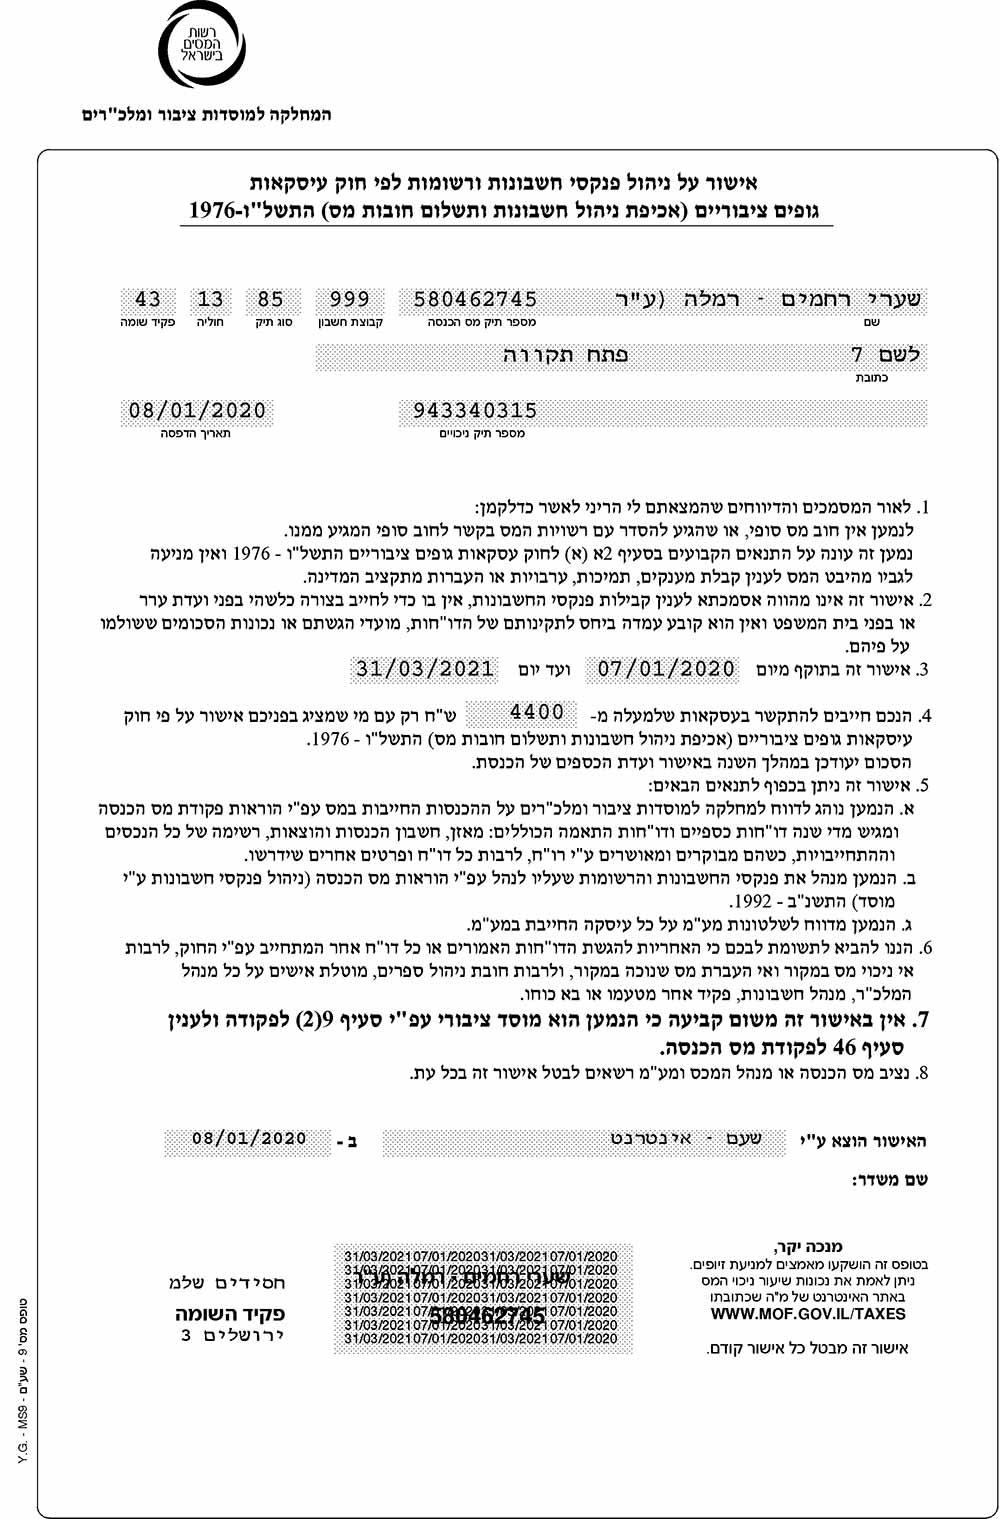 מסמך אישור ניהול הספרים של עמותת שערי רחמים רמלה